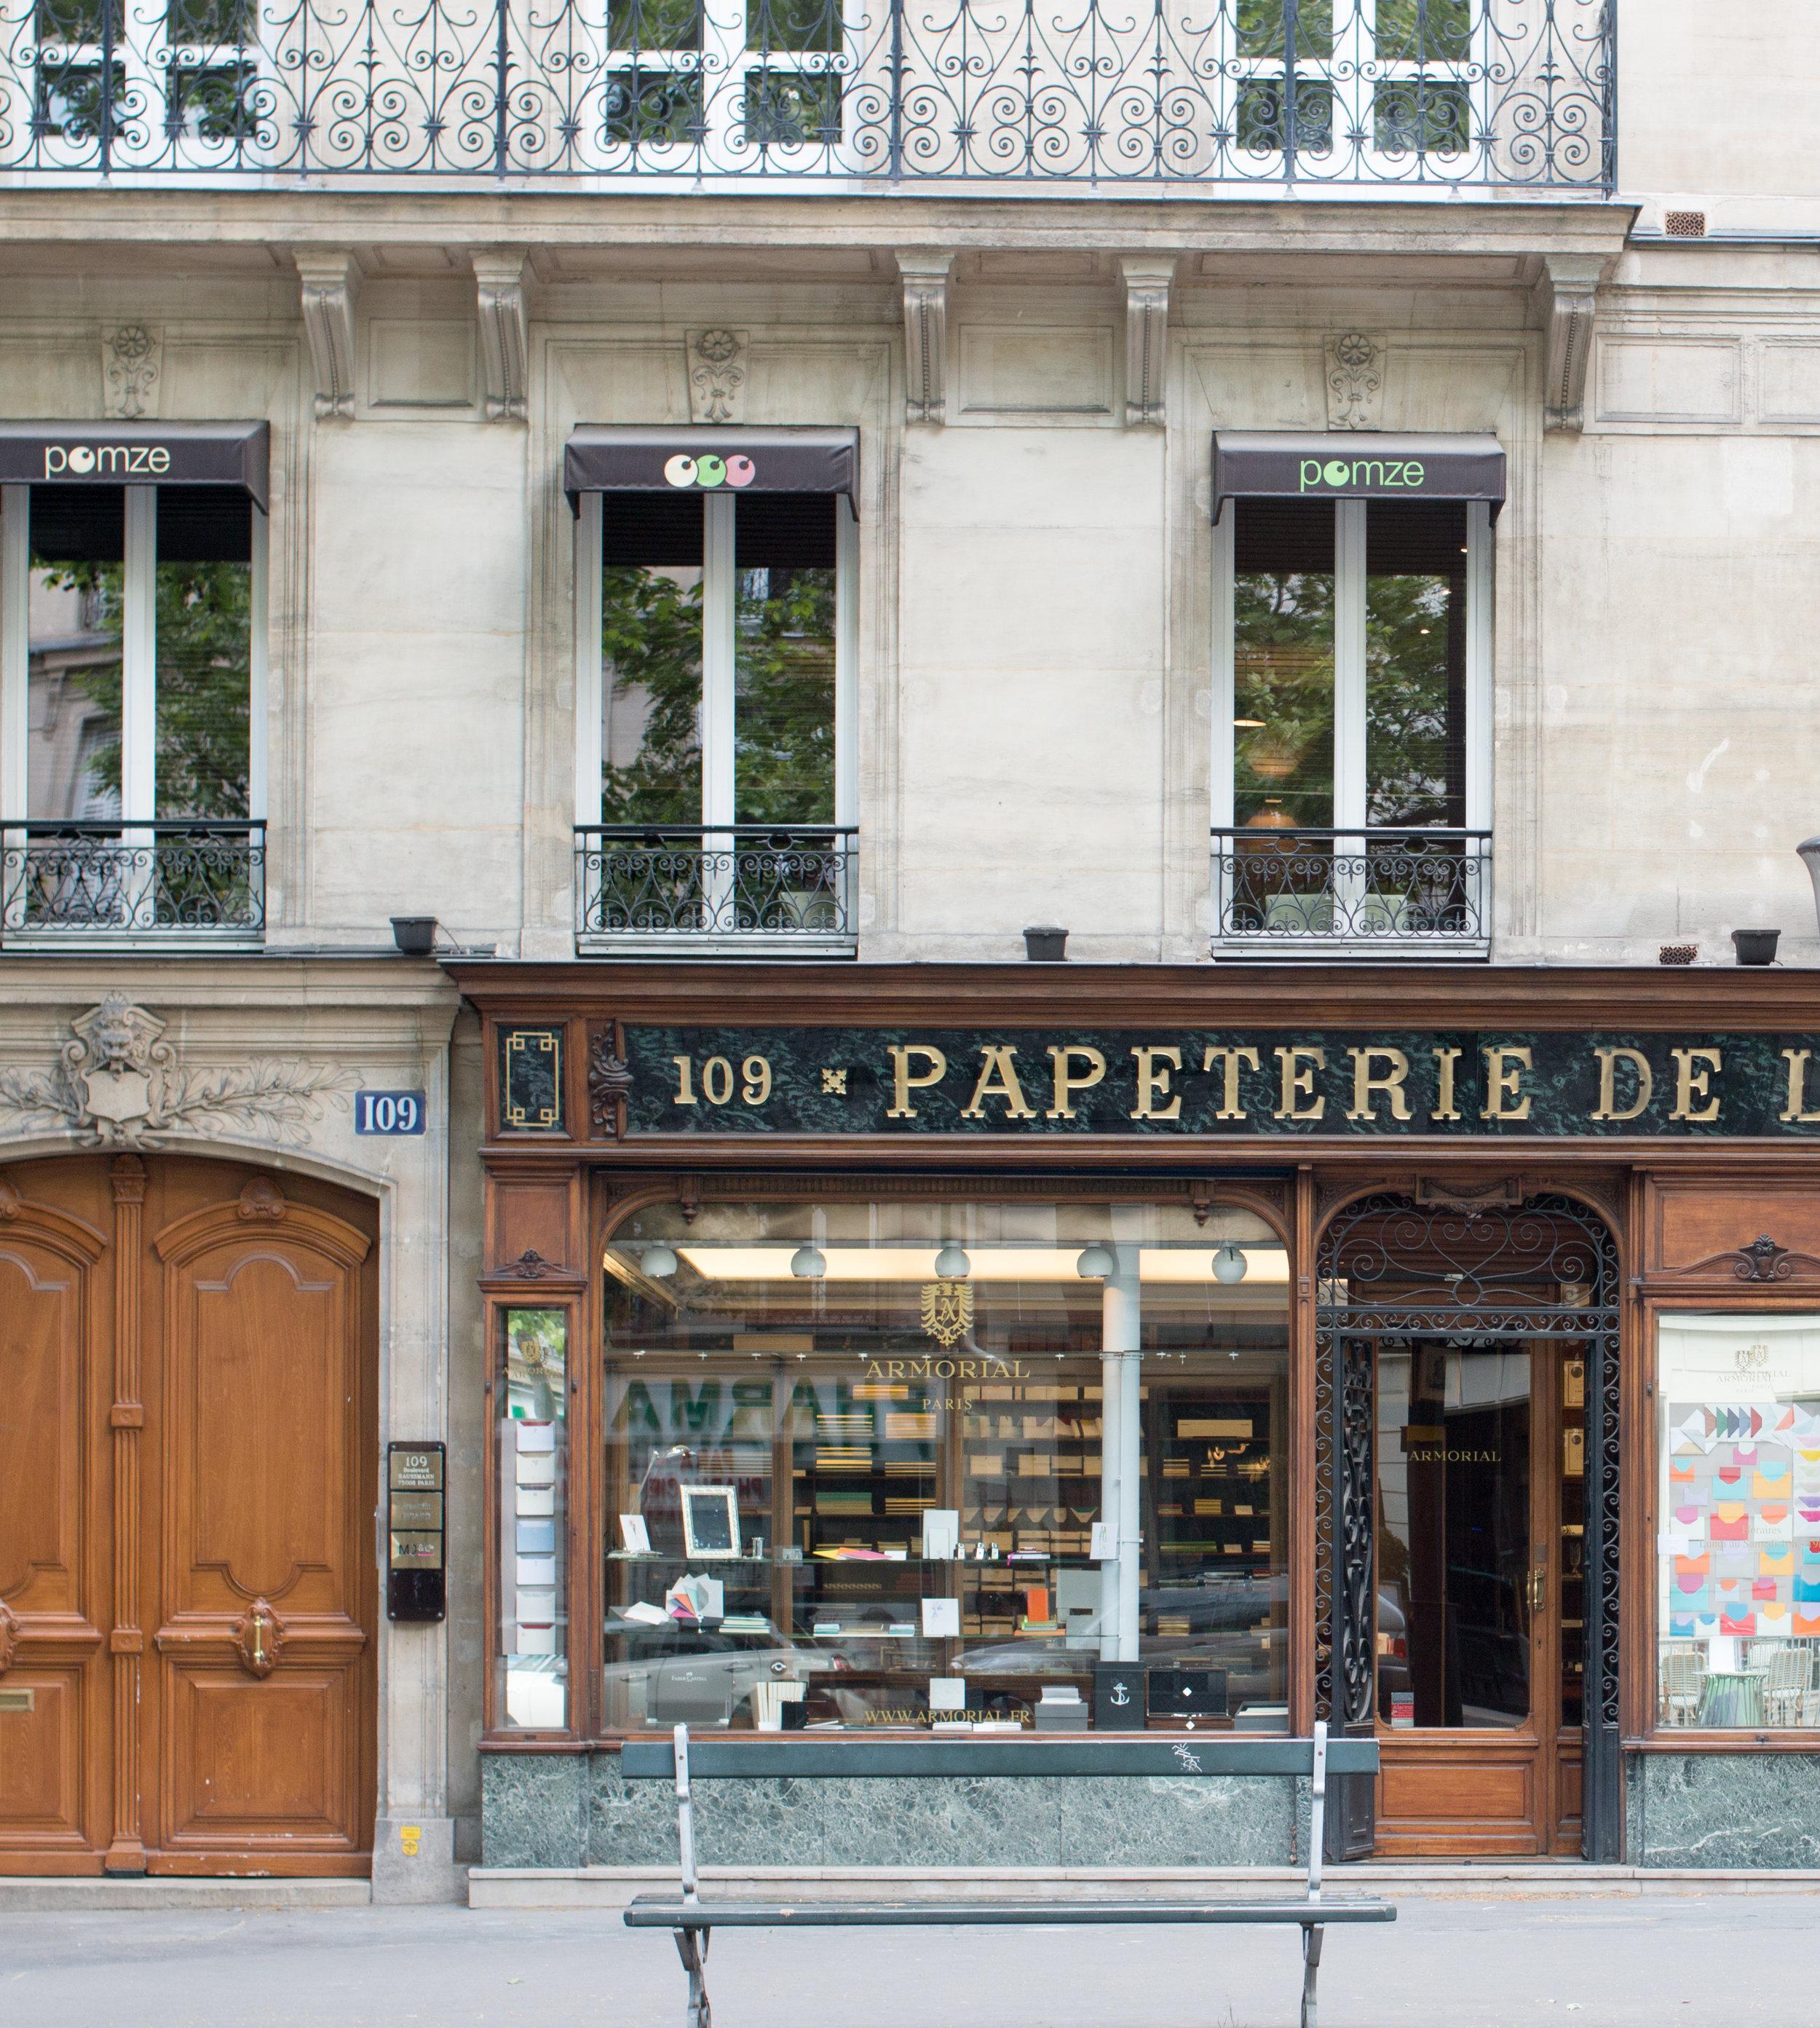 paris paper shop via rebecca plotnick